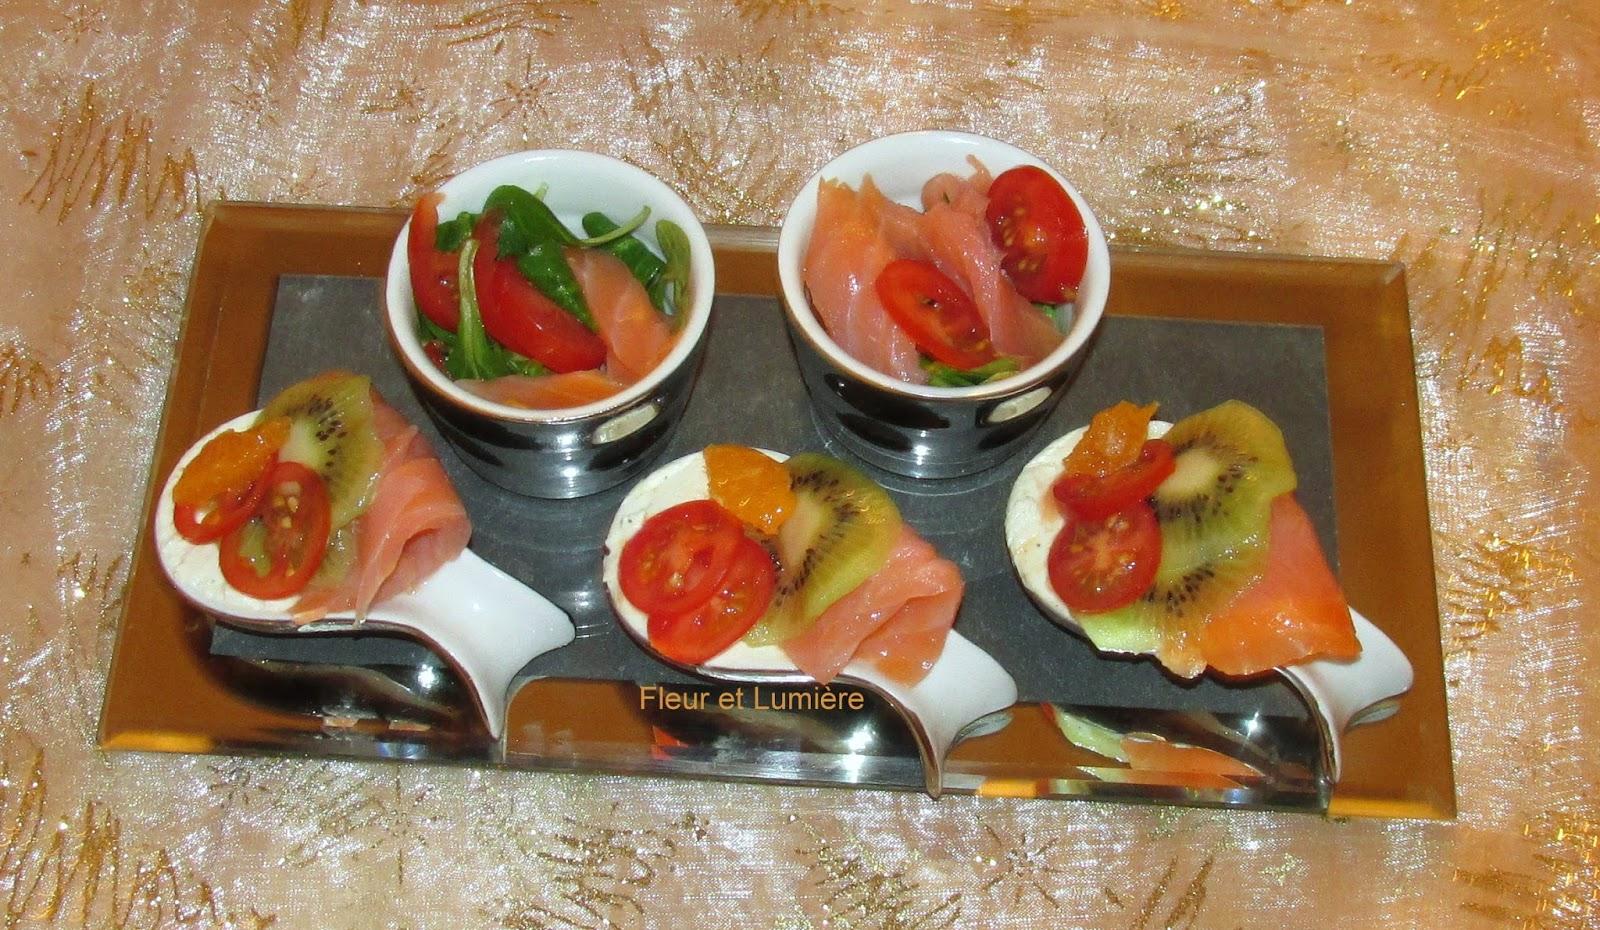 Fleur et lumi re entr e du r veillon saumon fum kiwi for Lumiere entree